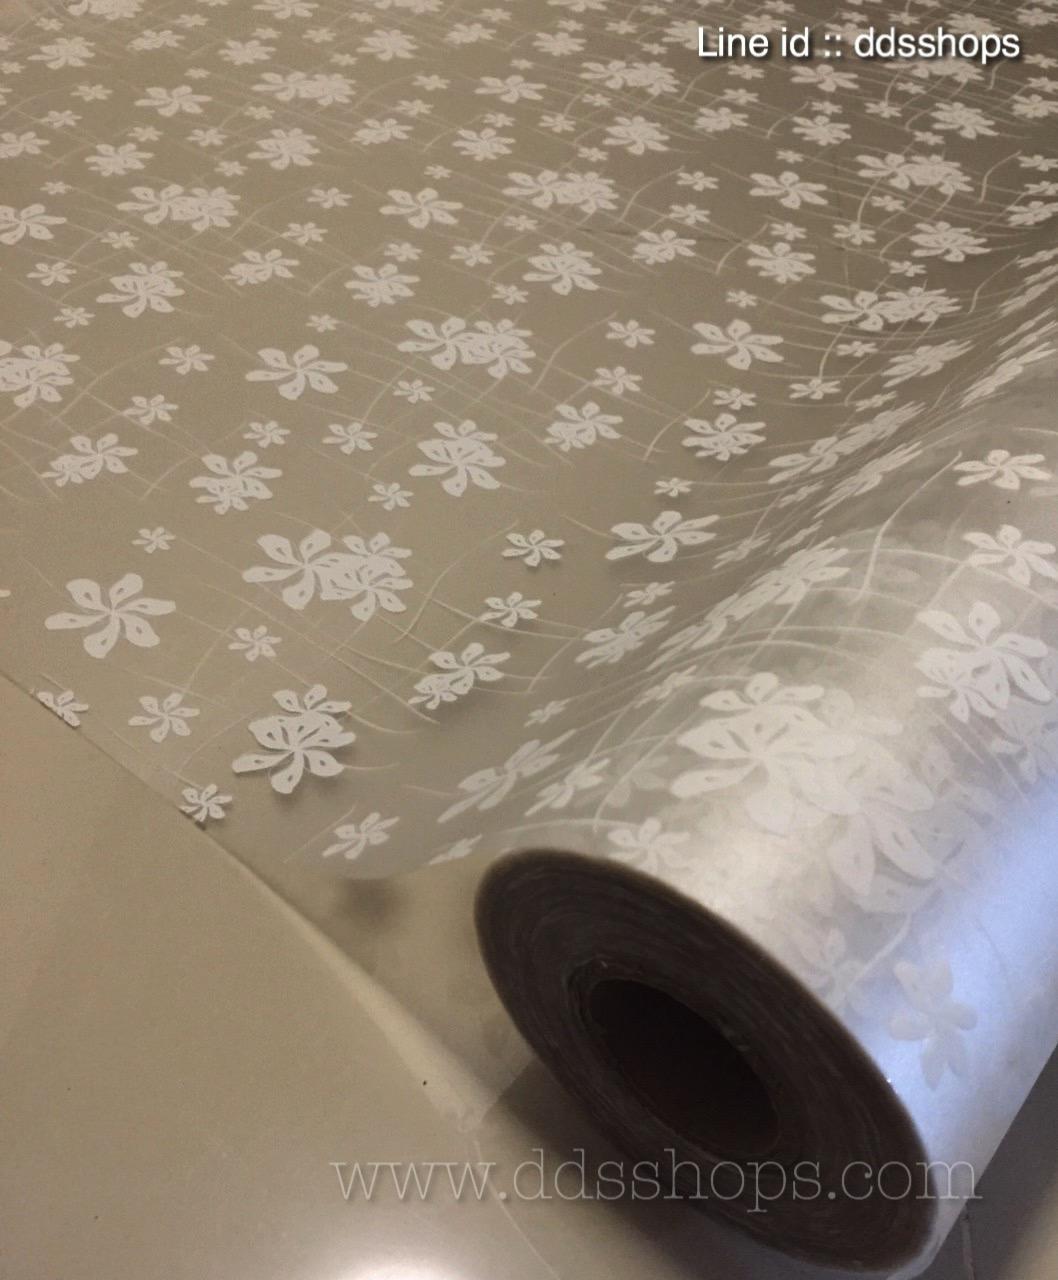 """สติ๊กเกอร์ติดกระจกแบบมีกาวในตัว """"White Classic Flower"""" หน้ากว้าง 90 cm ตัดแบ่งขายเมตรละ 189 บาท (ขั้นต่ำ 3m)"""